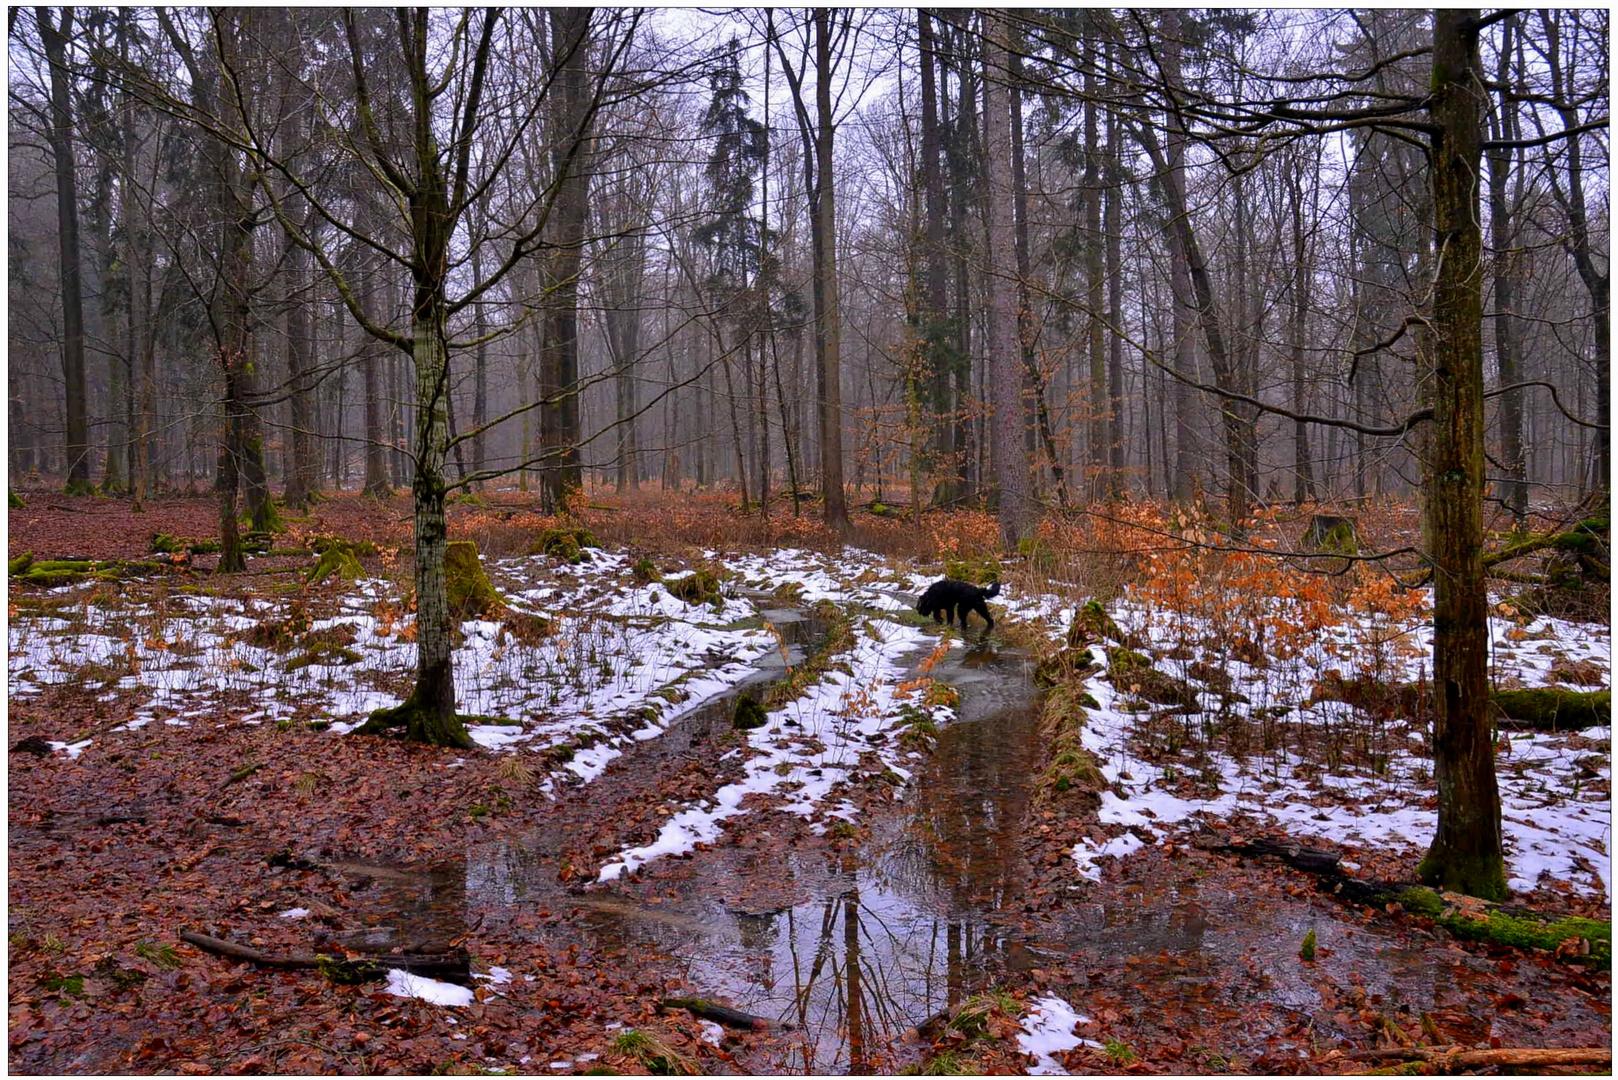 la última nieve en el bosque II (der letzte Schnee im Wald II)